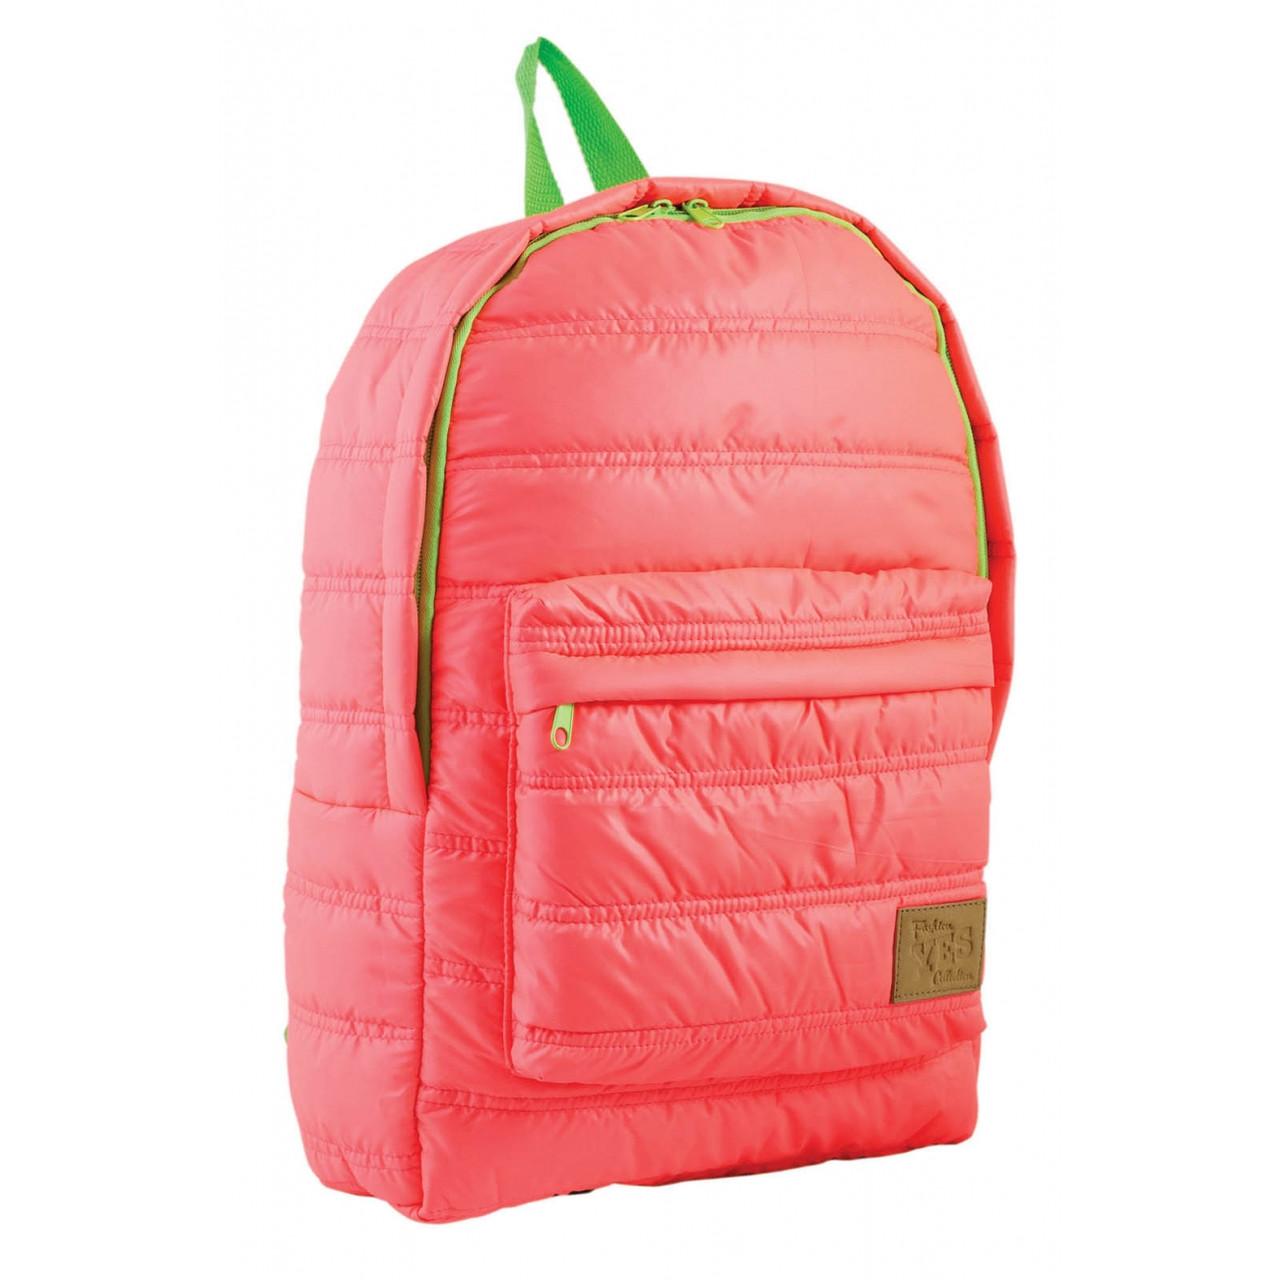 Рюкзак подростковый ST-14 оранжевый, 39*27.5*9